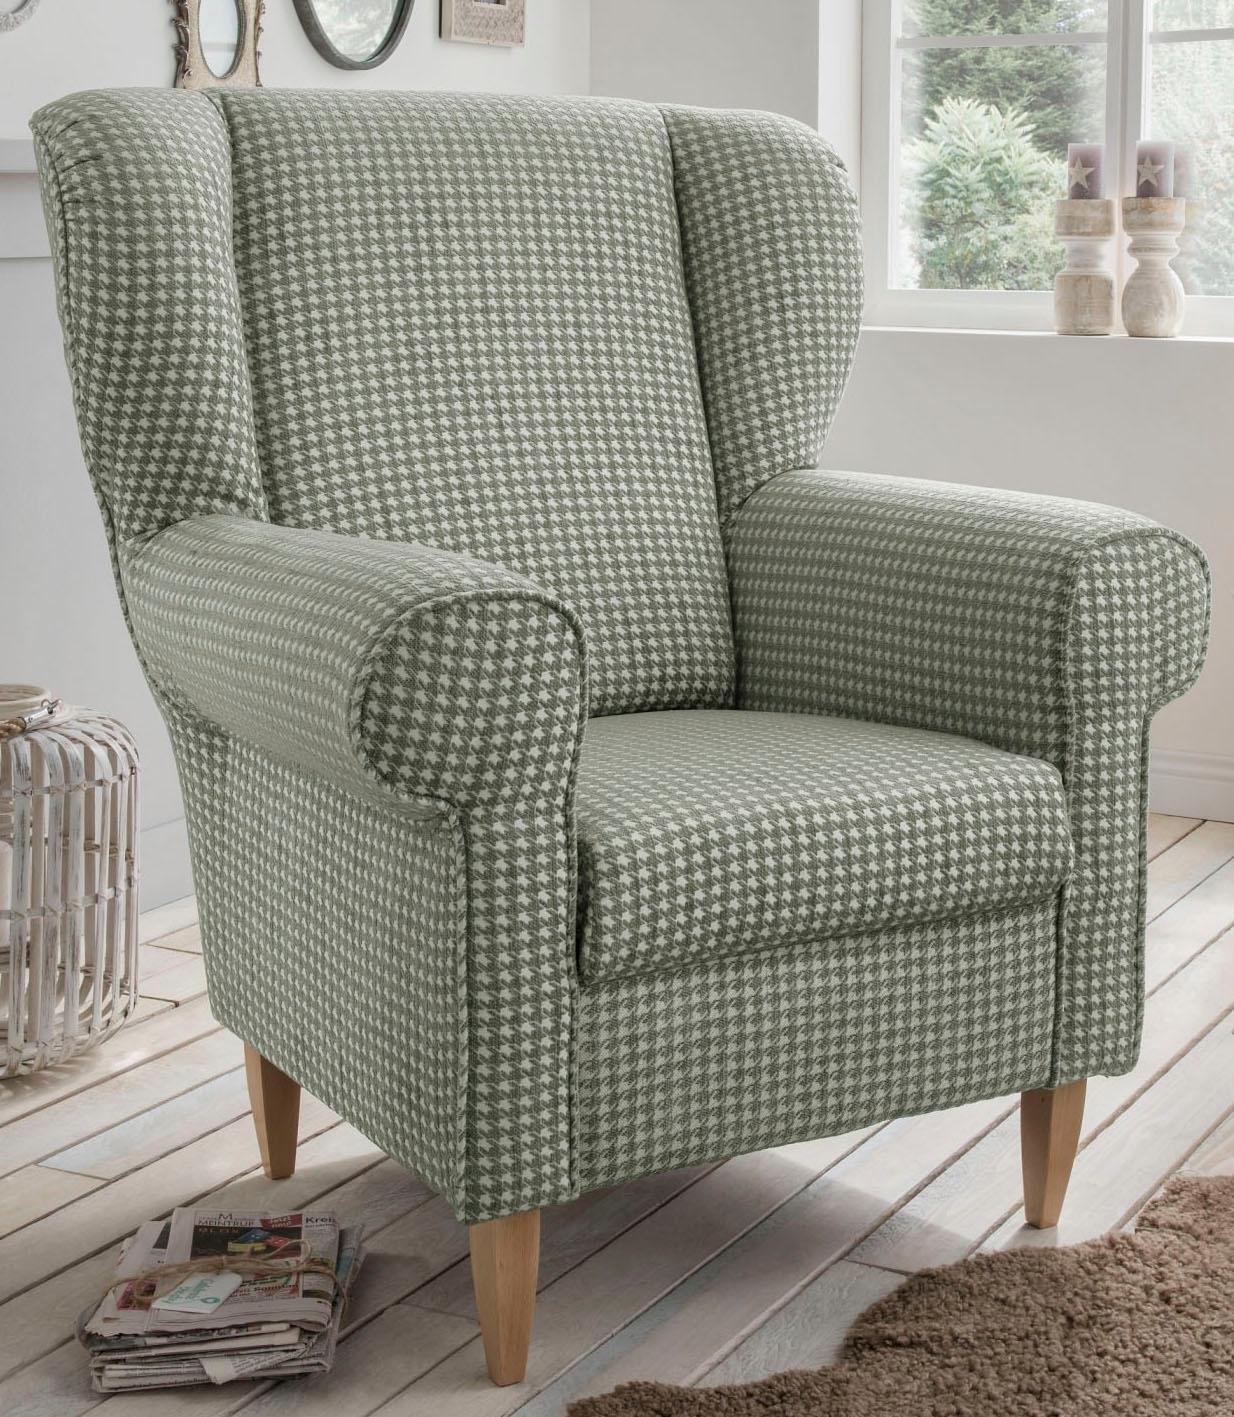 Home Affaire fauteuil «Asino», met pied-de-poule-bekleding, naar keuze met hocker goedkoop op otto.nl kopen